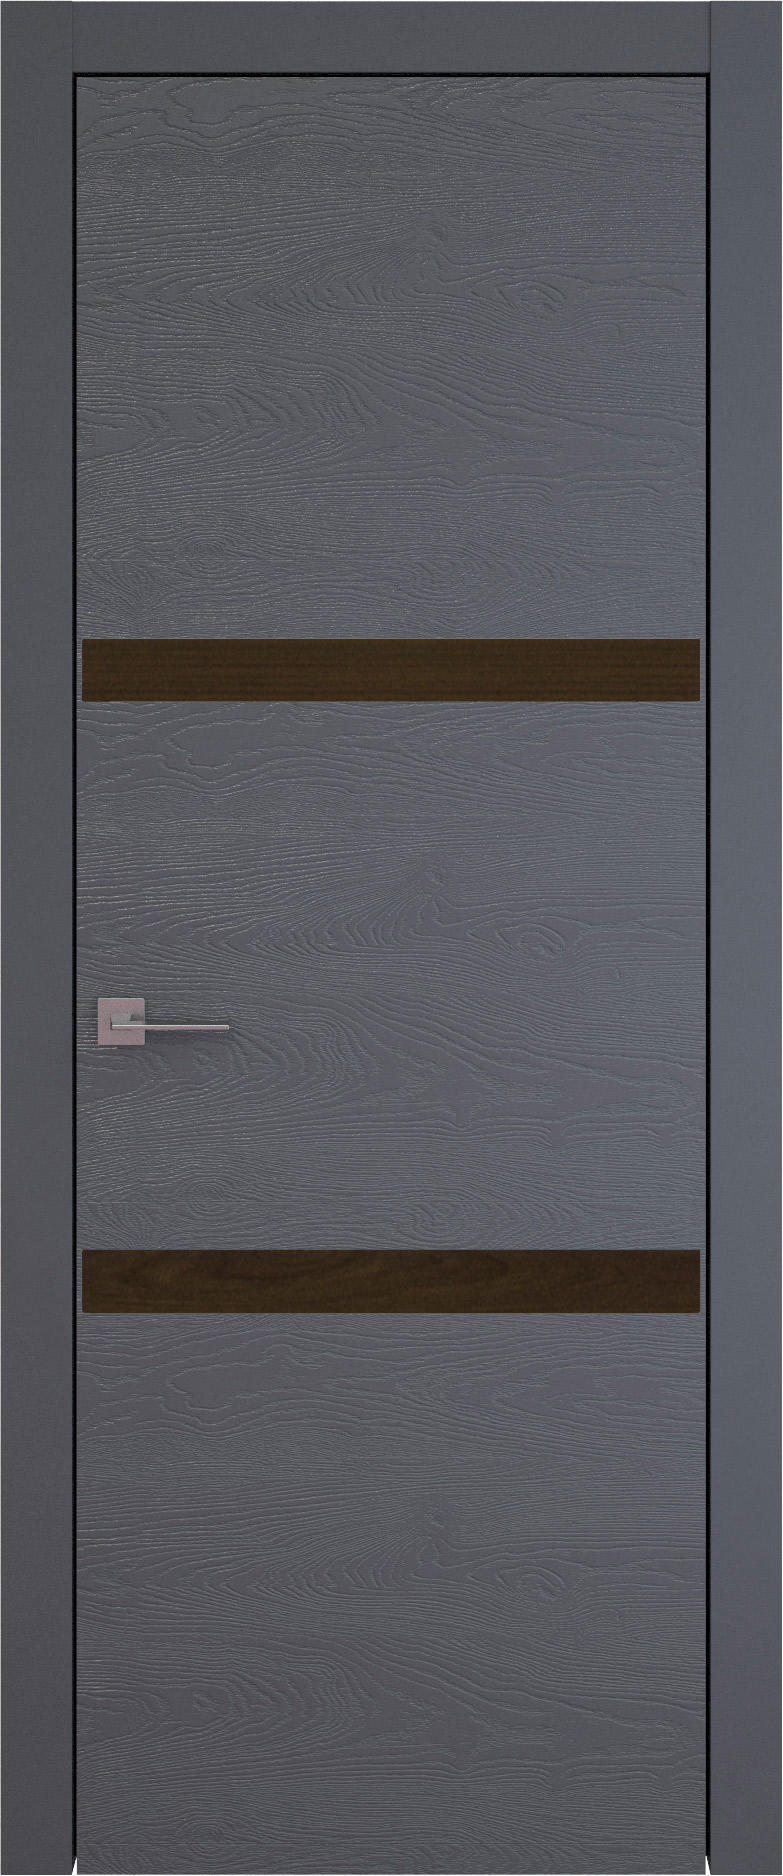 Tivoli В-4 цвет - Графитово-серая эмаль по шпону (RAL 7024) Без стекла (ДГ)